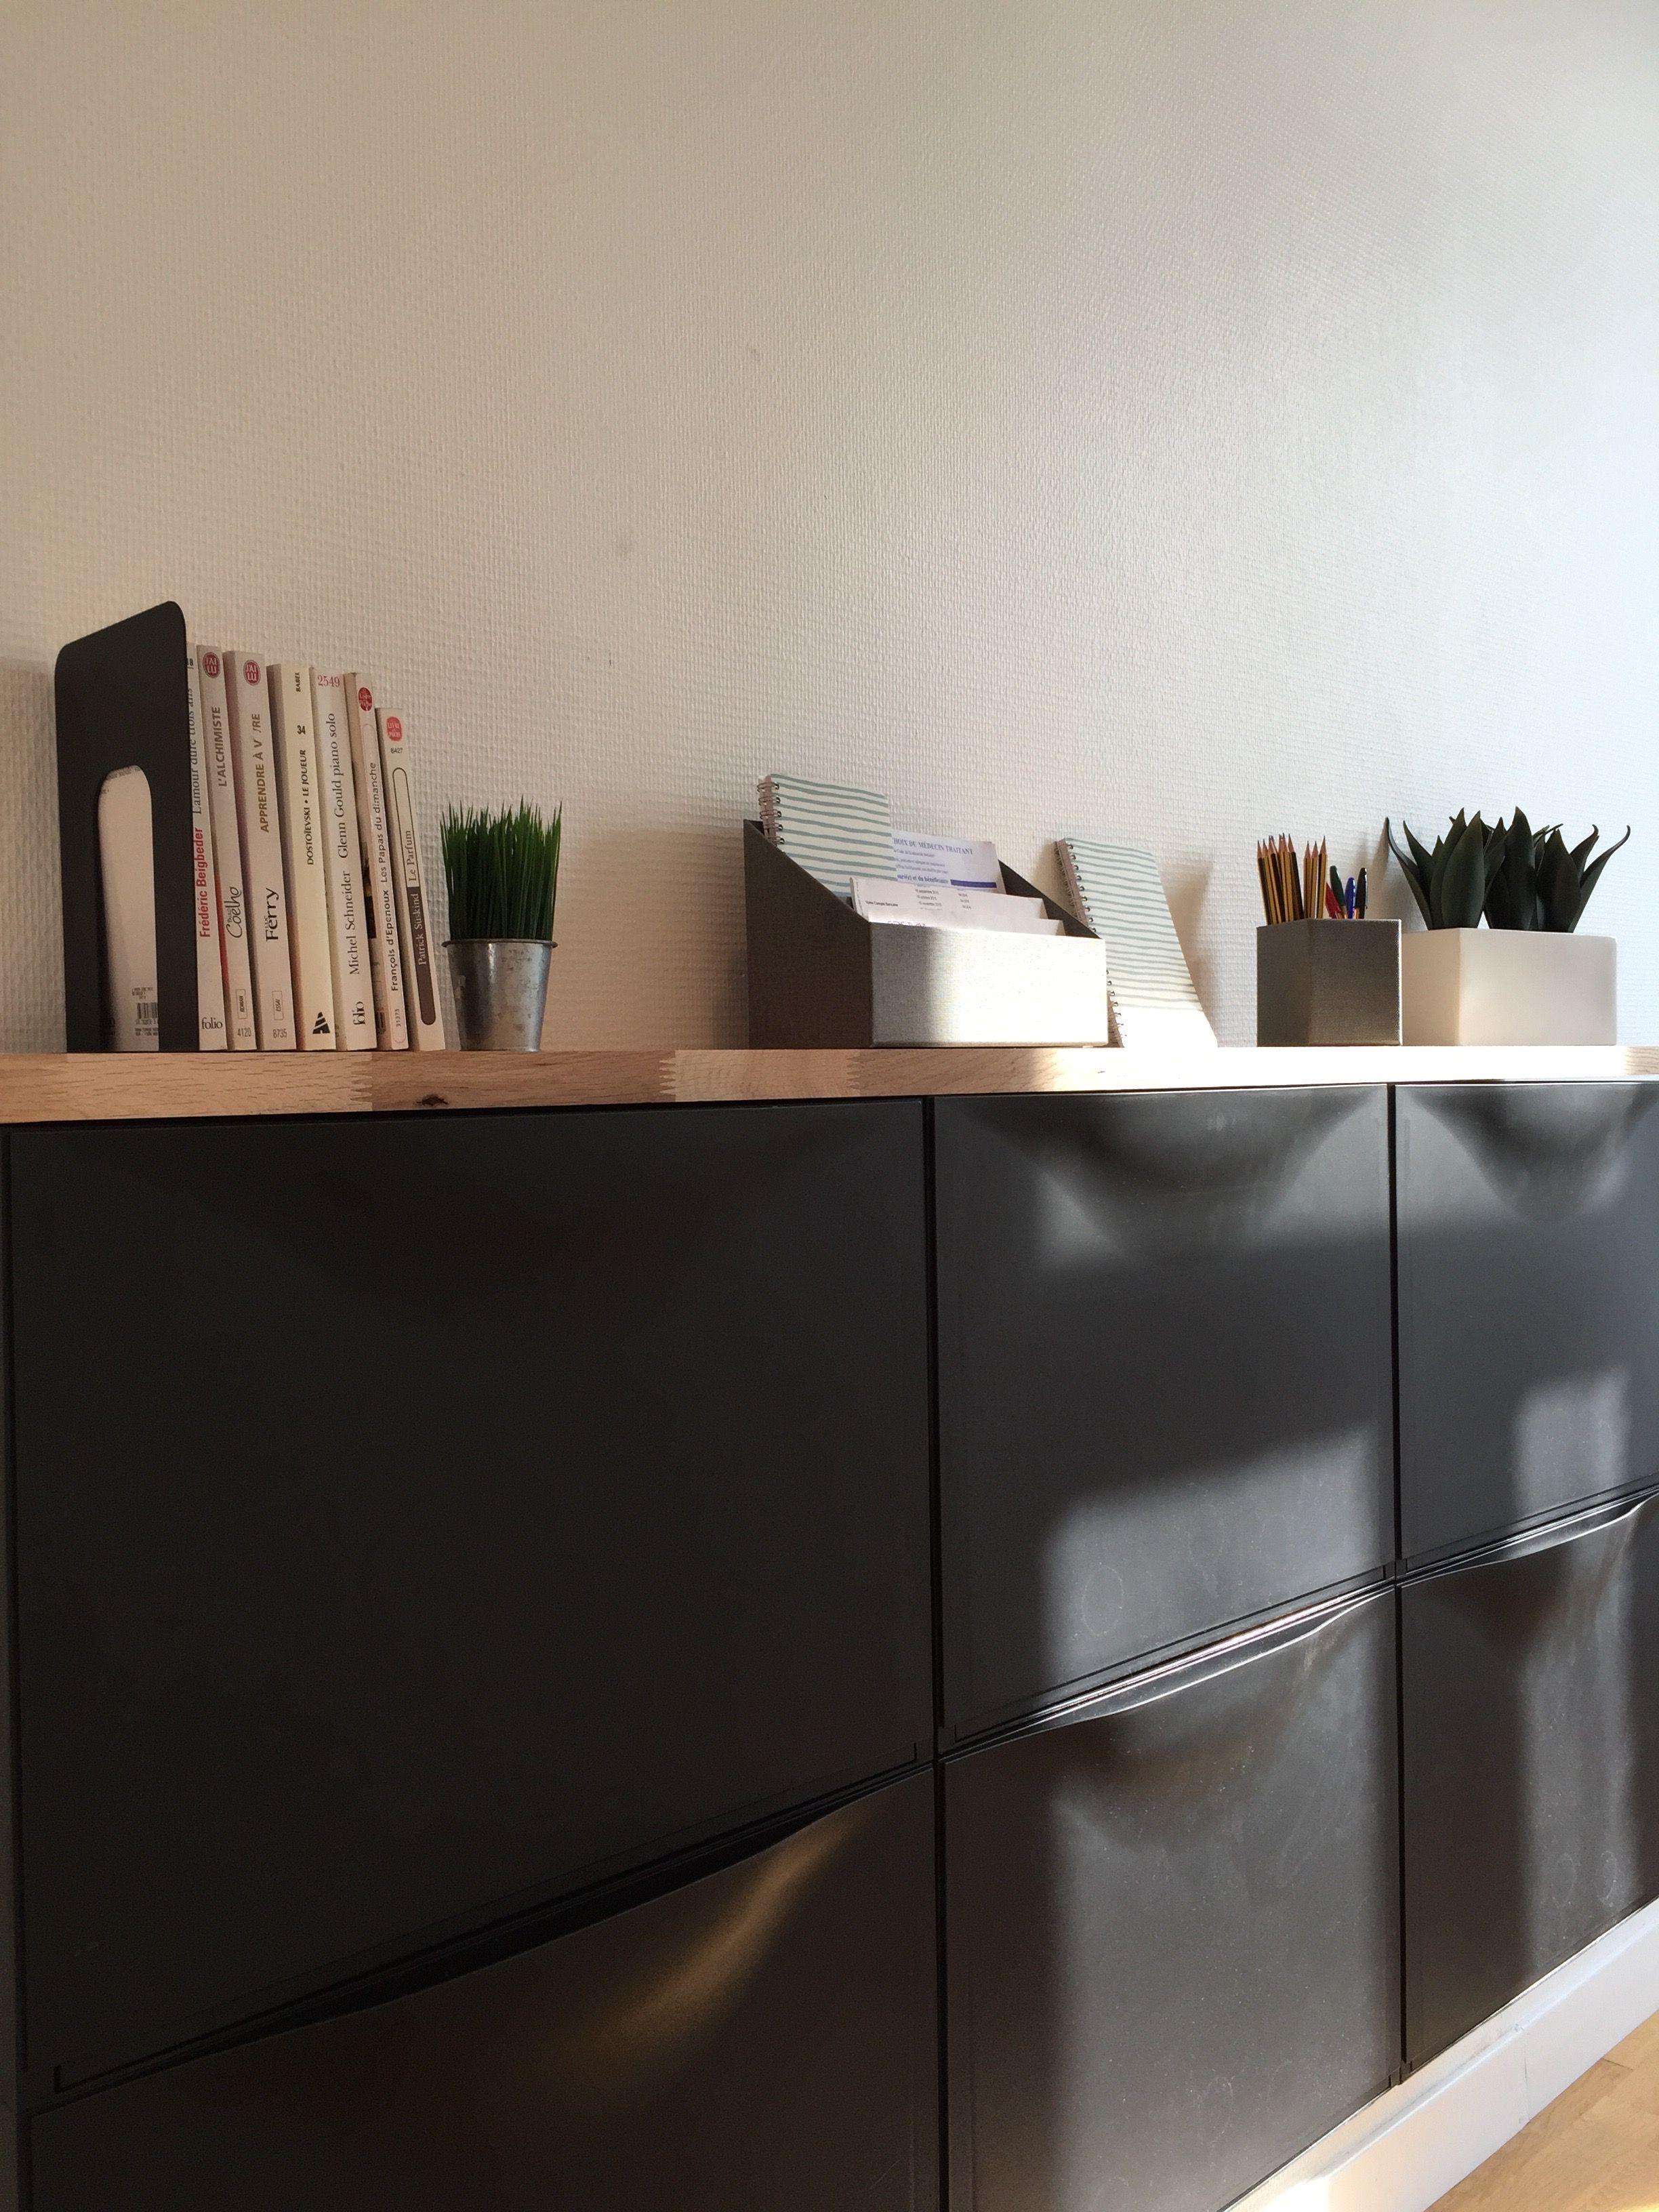 Trones Ikea DIY for shoes | Ikea Trones | Pinterest | Flure, Ikea ...